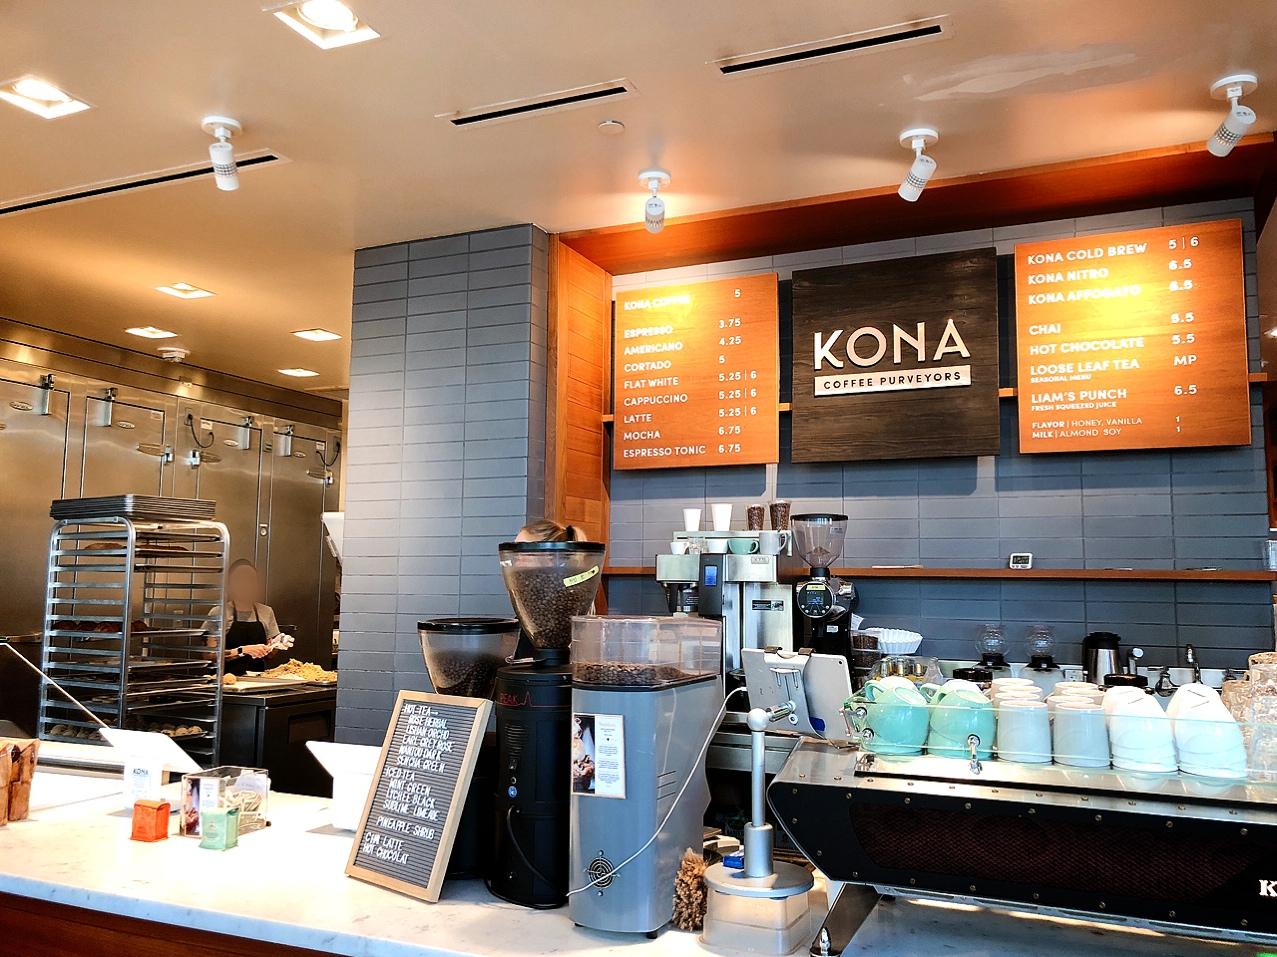 【#Hawaii CAFE】美味しいパンとコーヒーを頂くならここ( ´ ▽ ` )!アクセス抜群のおしゃれカフェ_4